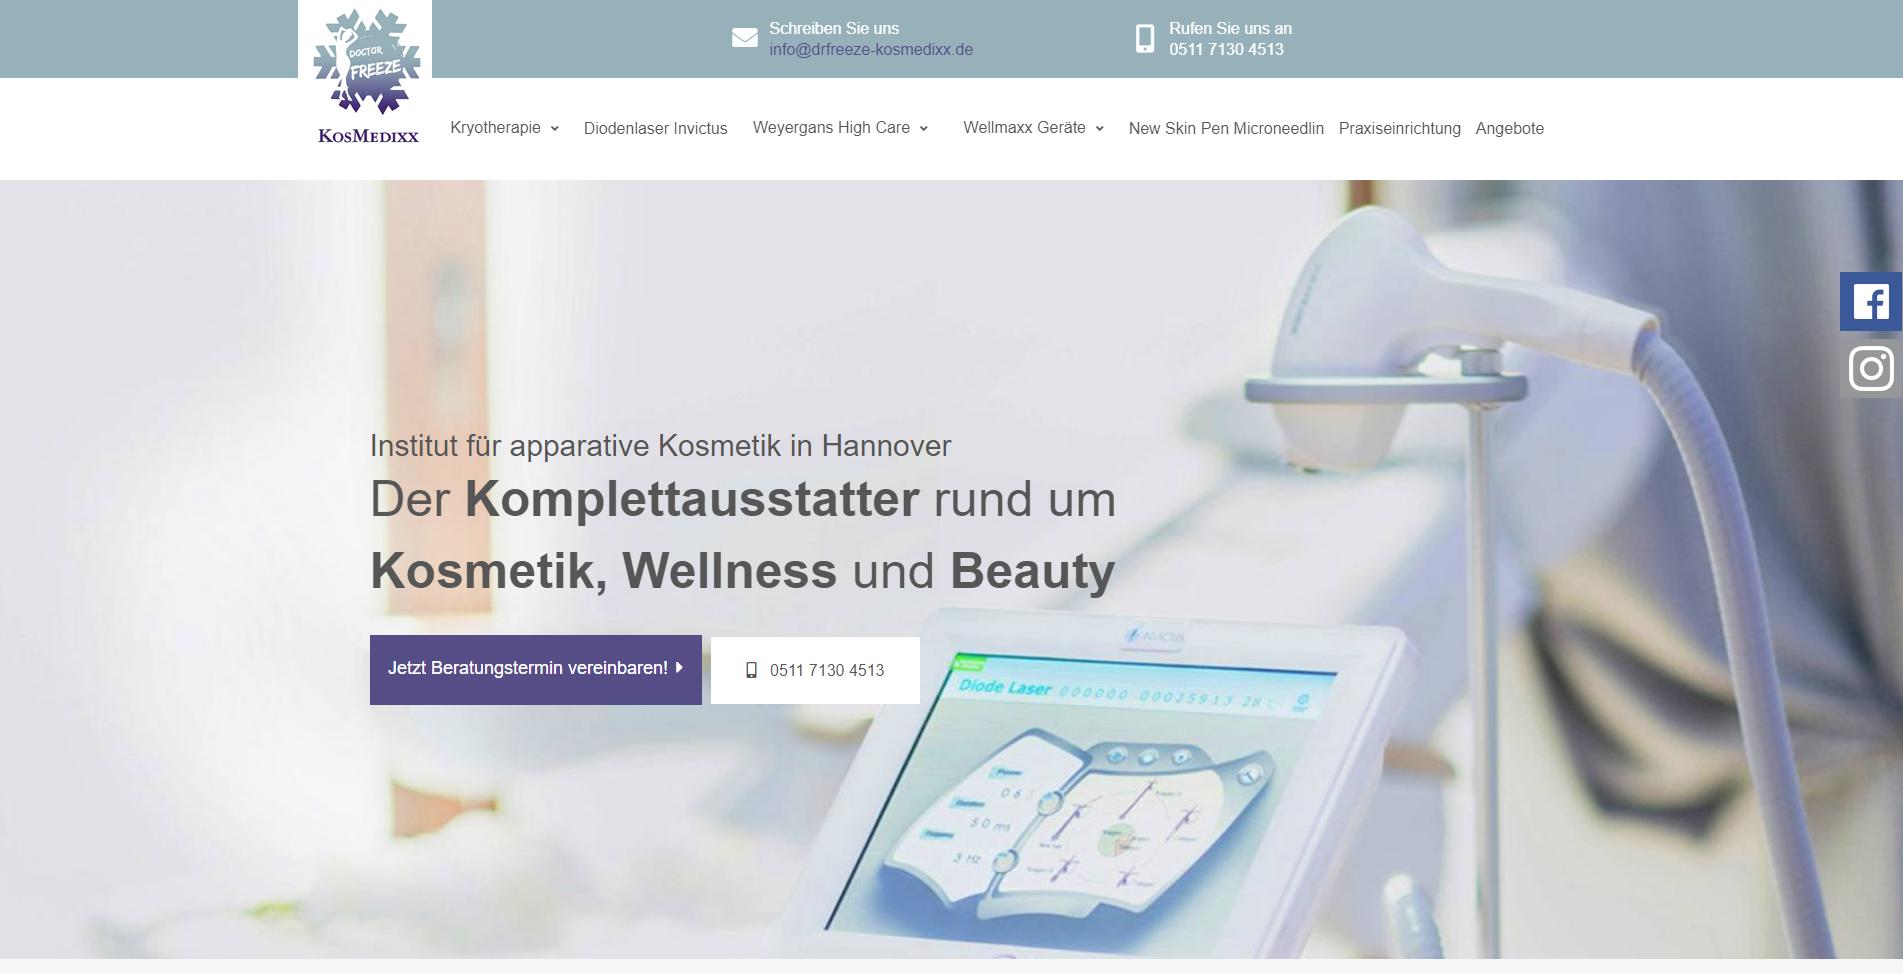 Dr. Freeze KosMedixx aus Hannover